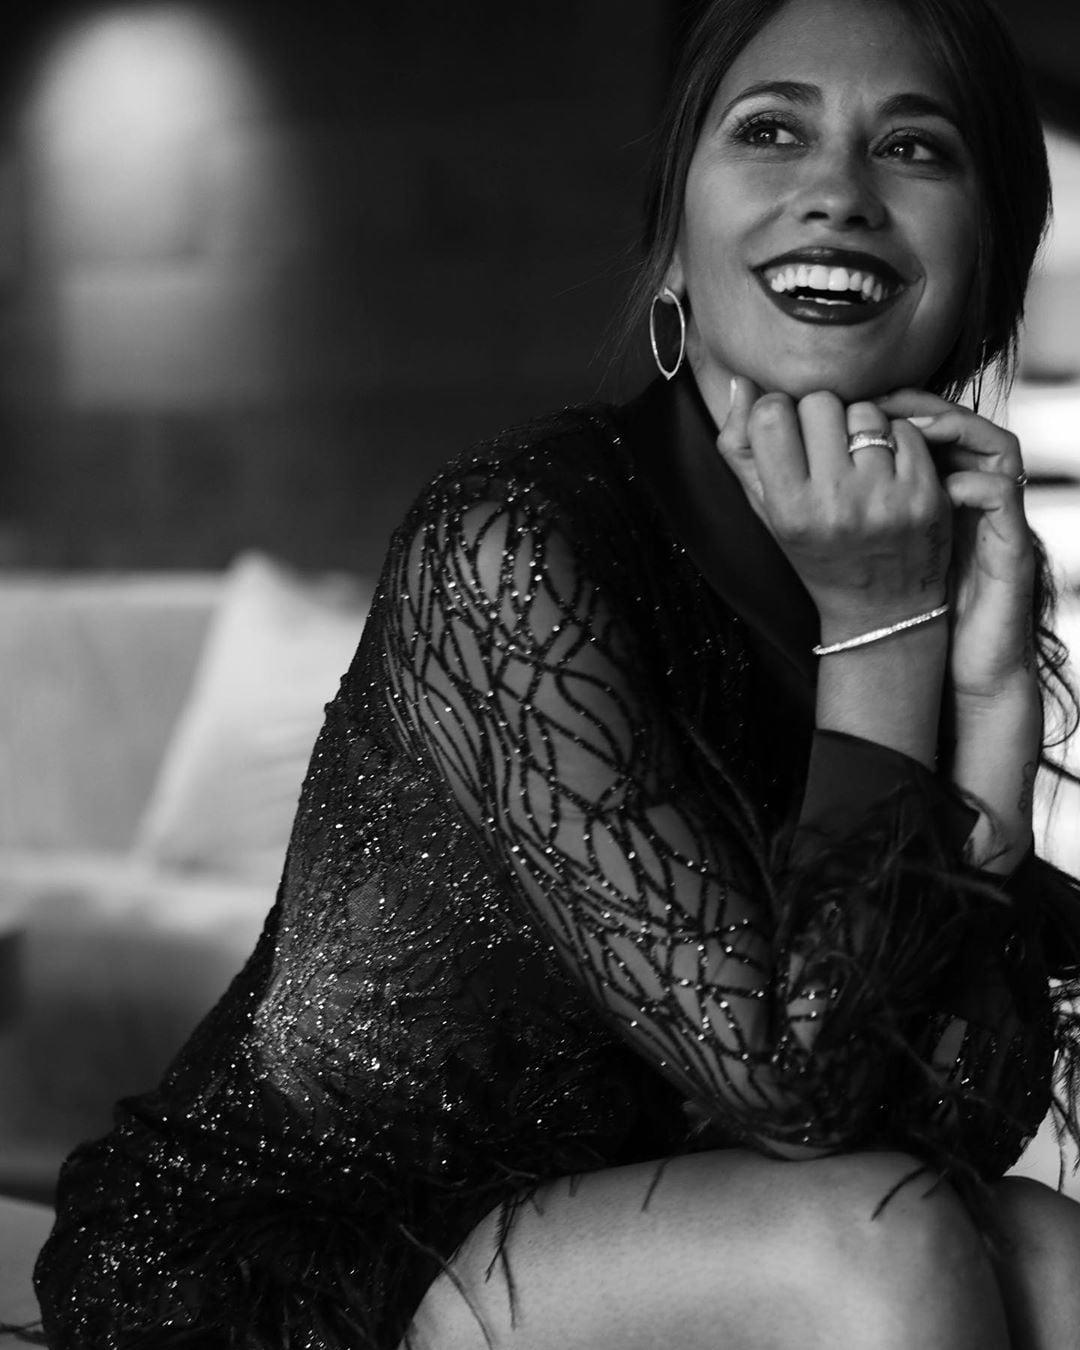 మెస్సీ భార్య అంటోనెలా రొకుజో (Photo : antonelaroccuzzo/Instagram)